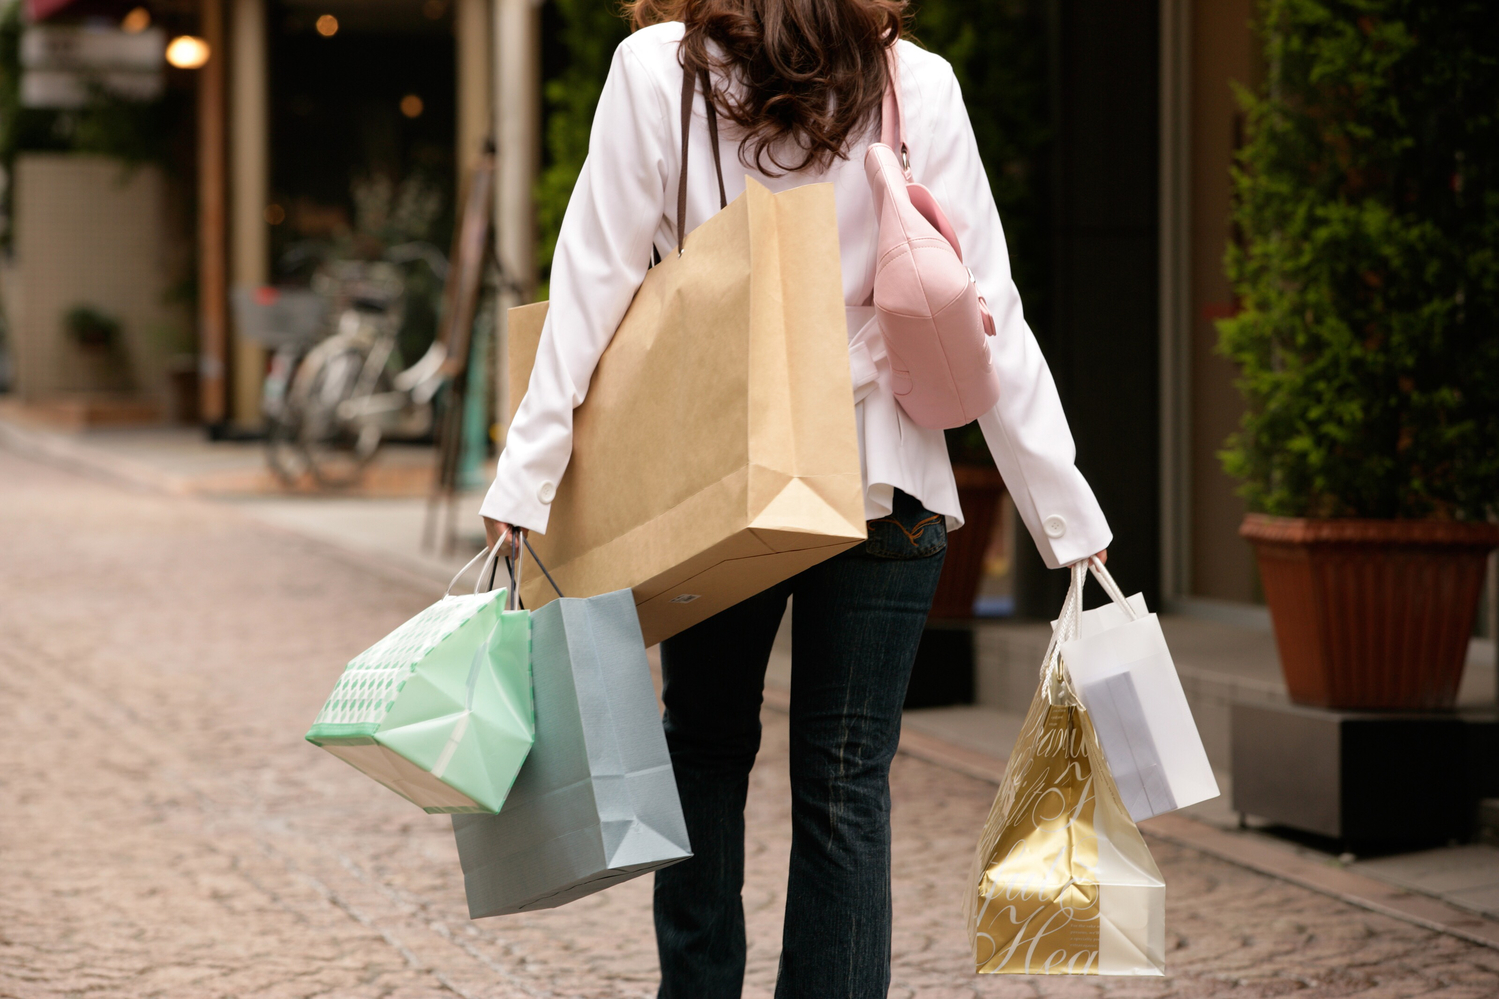 必要のない買い物を控える